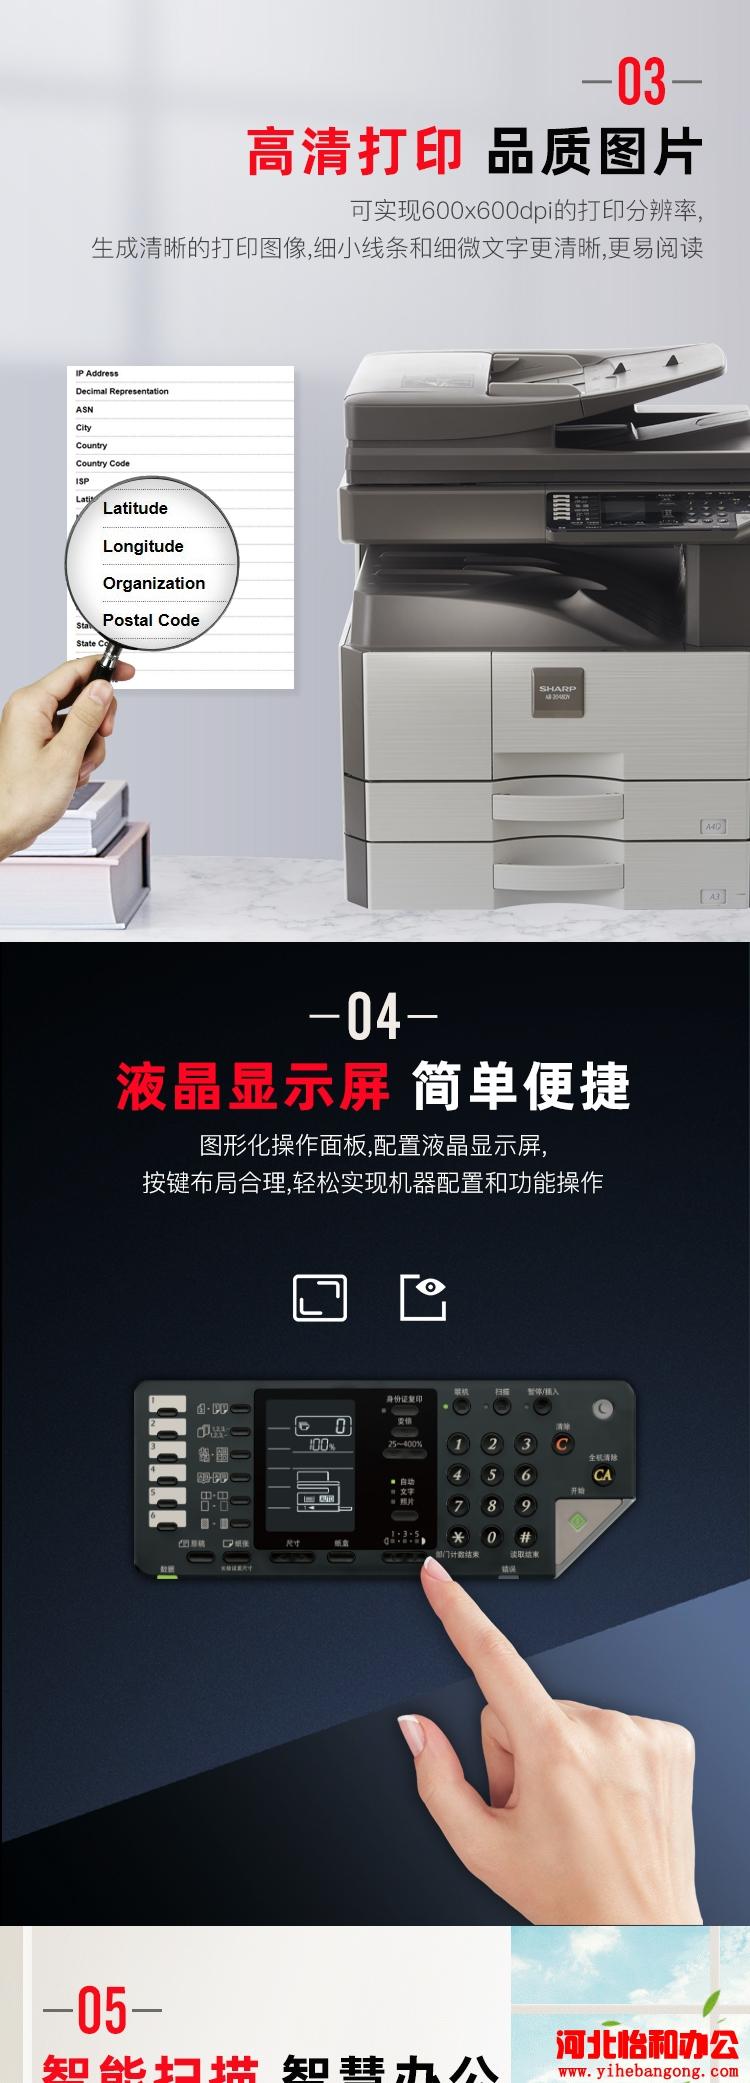 夏普AR-2048SV如何设置纸盒